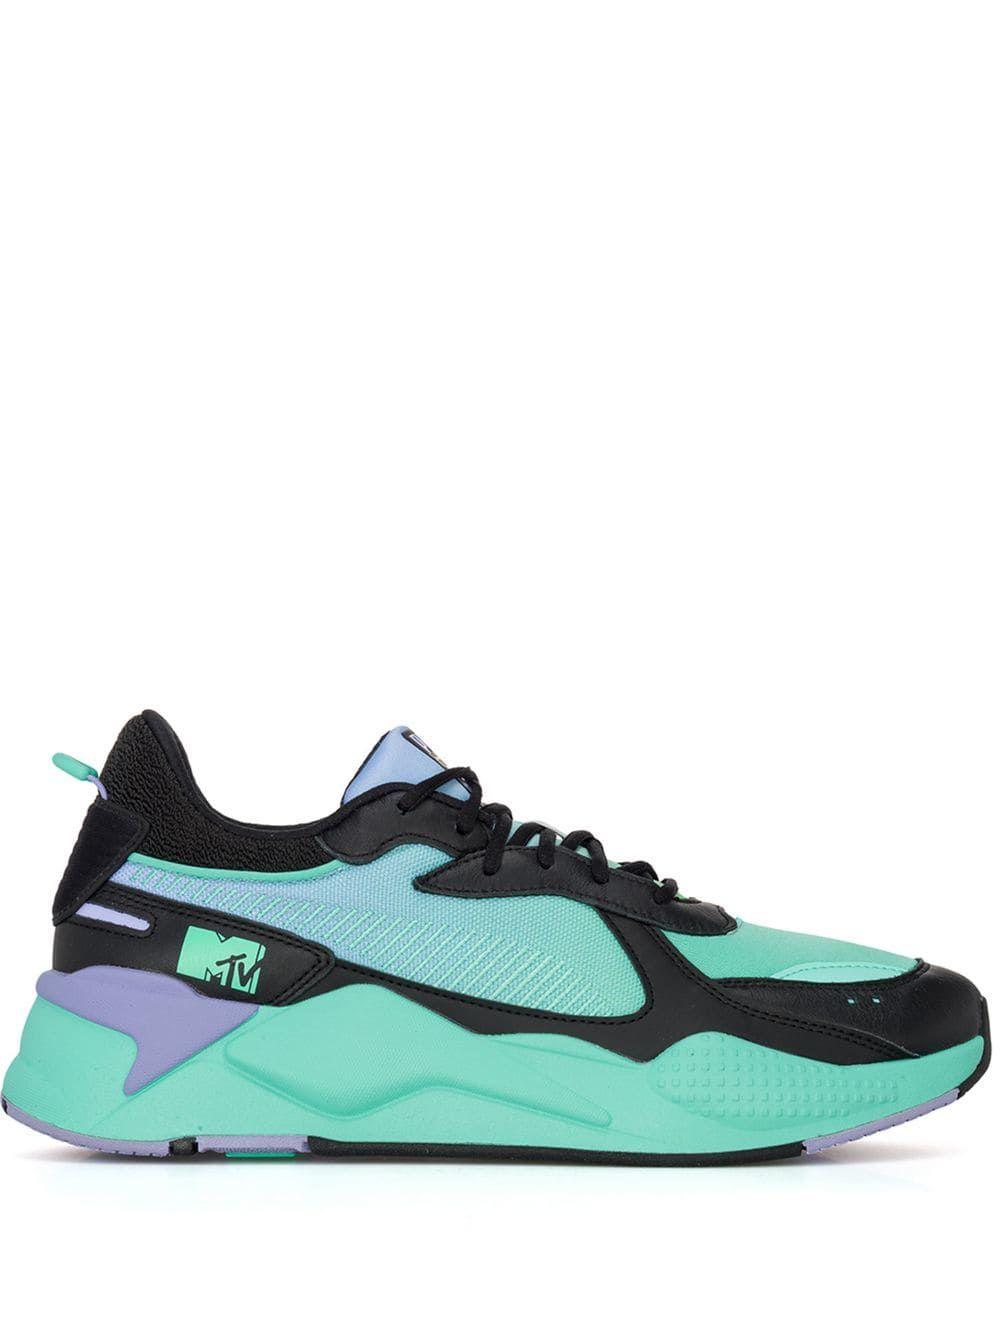 dd1d9fd0829 PUMA PUMA PUMA X MTV RS-X SNEAKERS - GREEN. #puma #shoes | Puma in ...